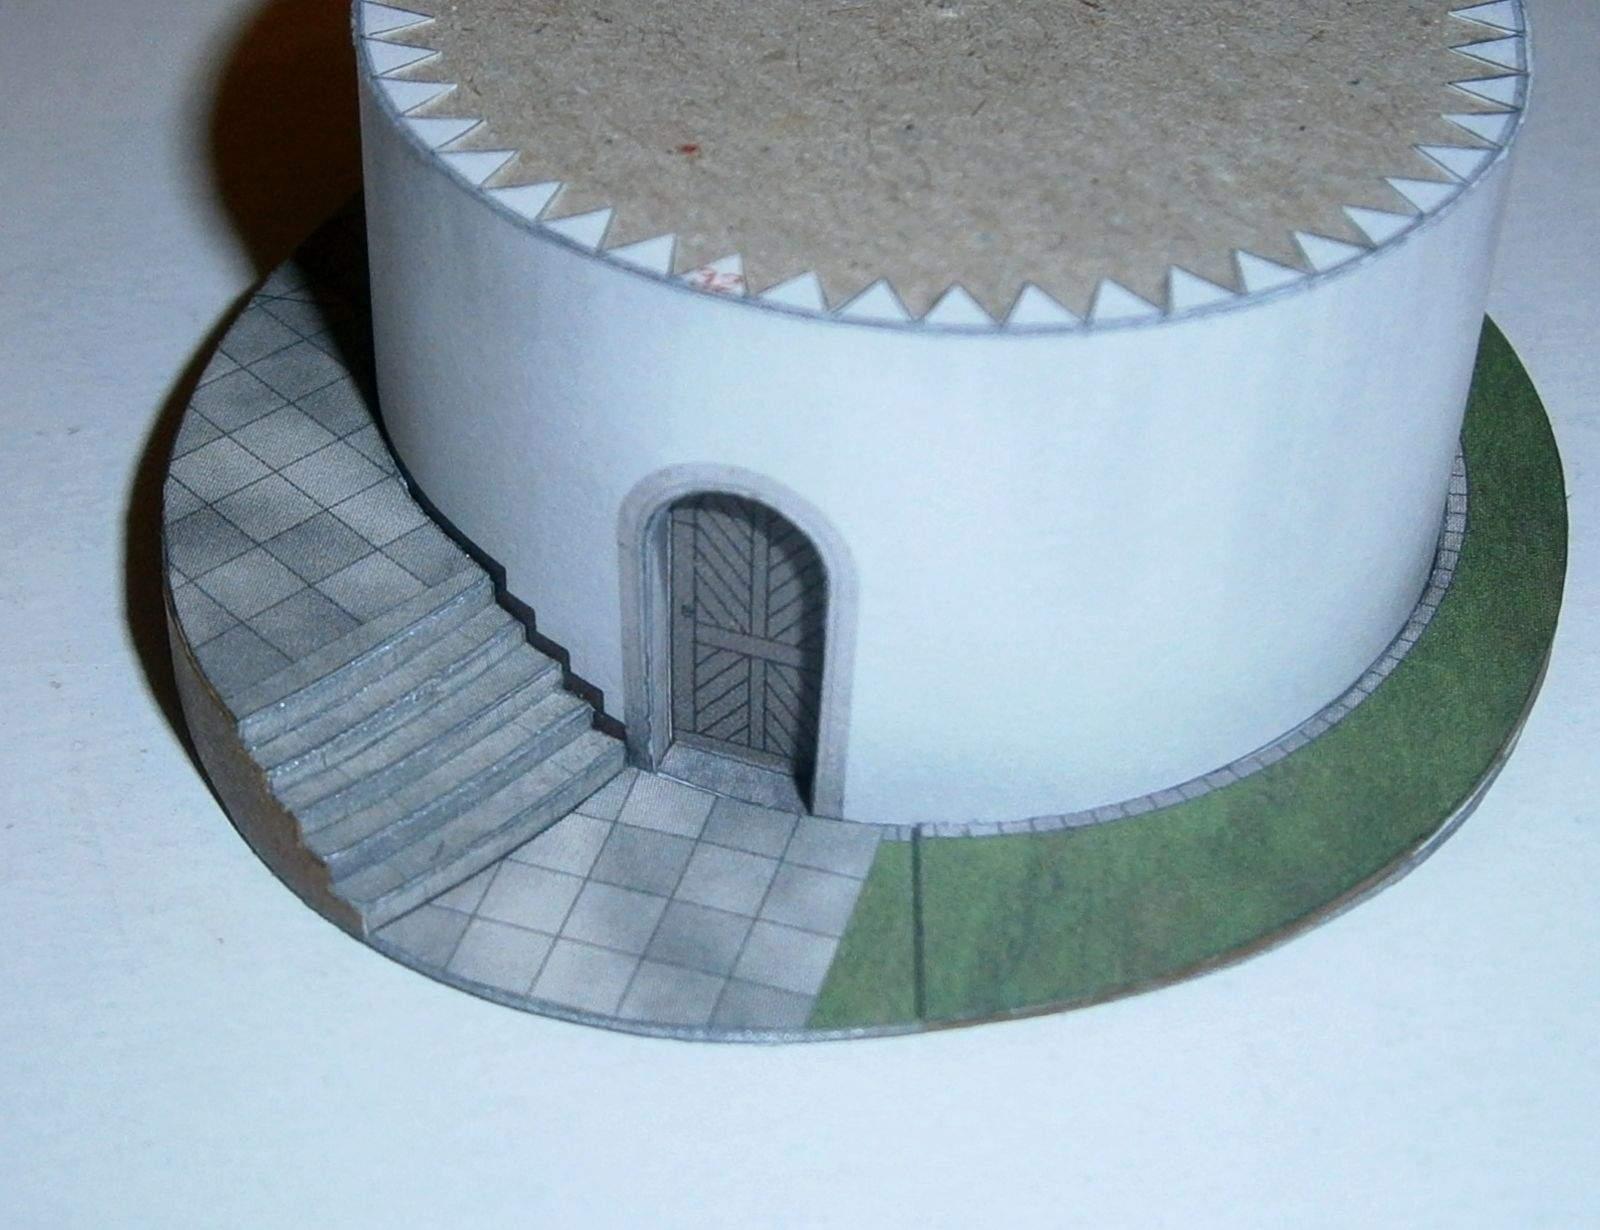 Rotunda svätých Kozmu a Damiána